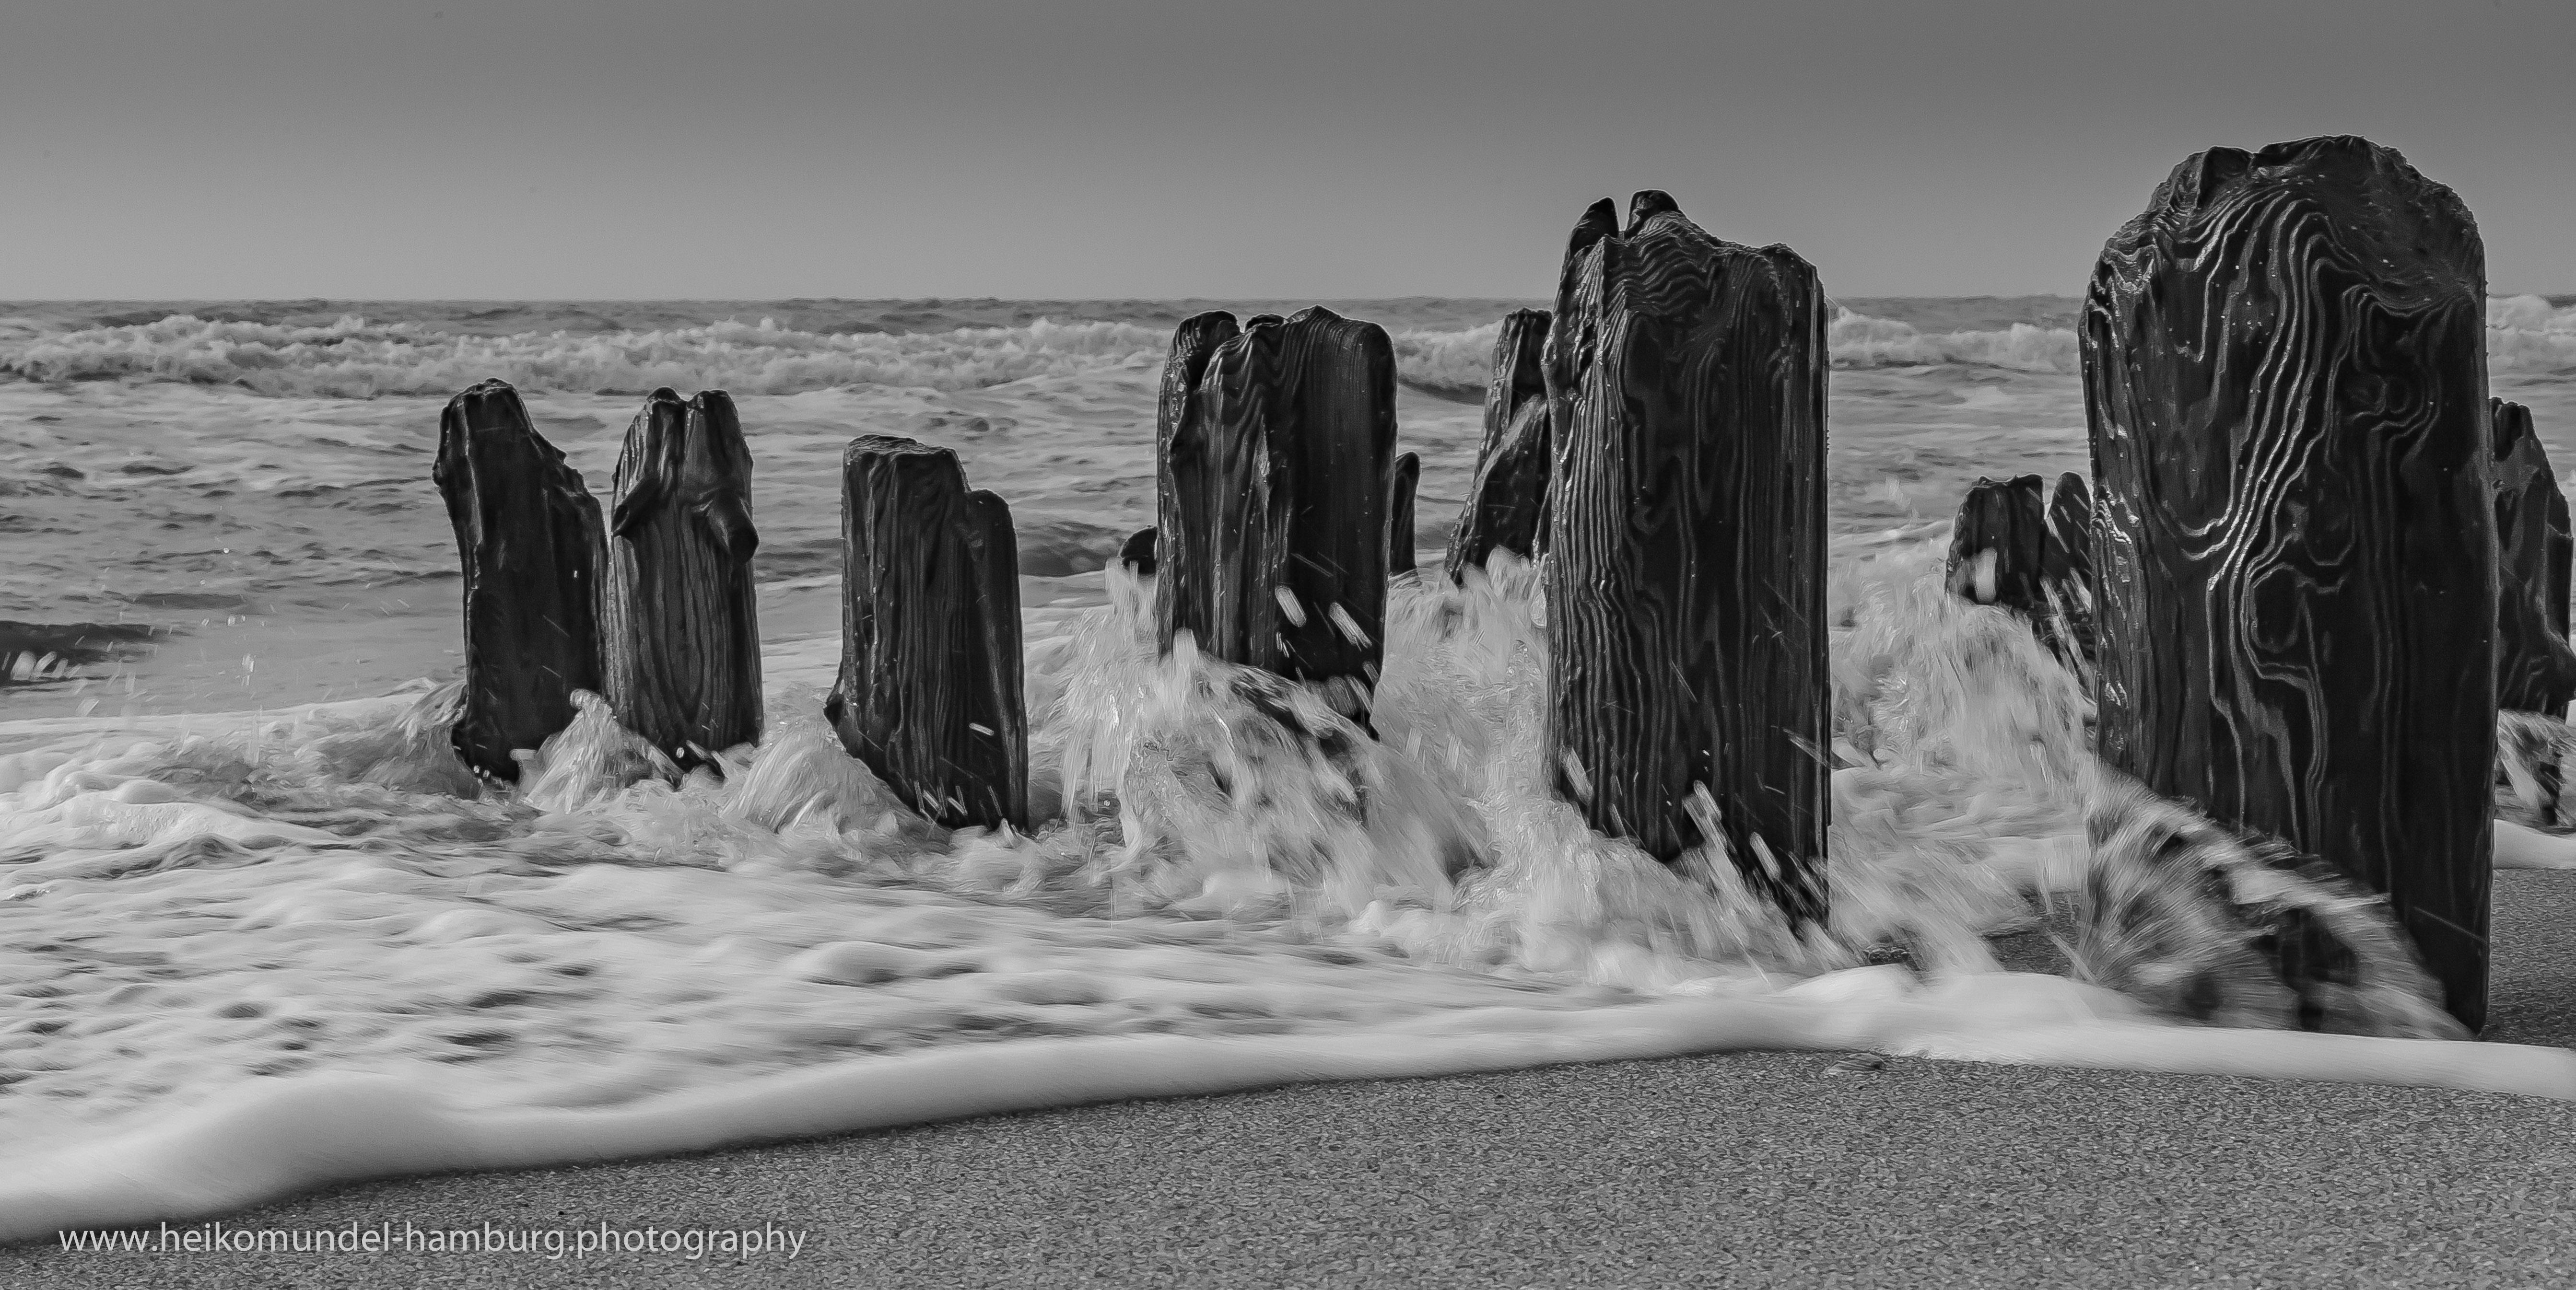 Buhne und Wellen